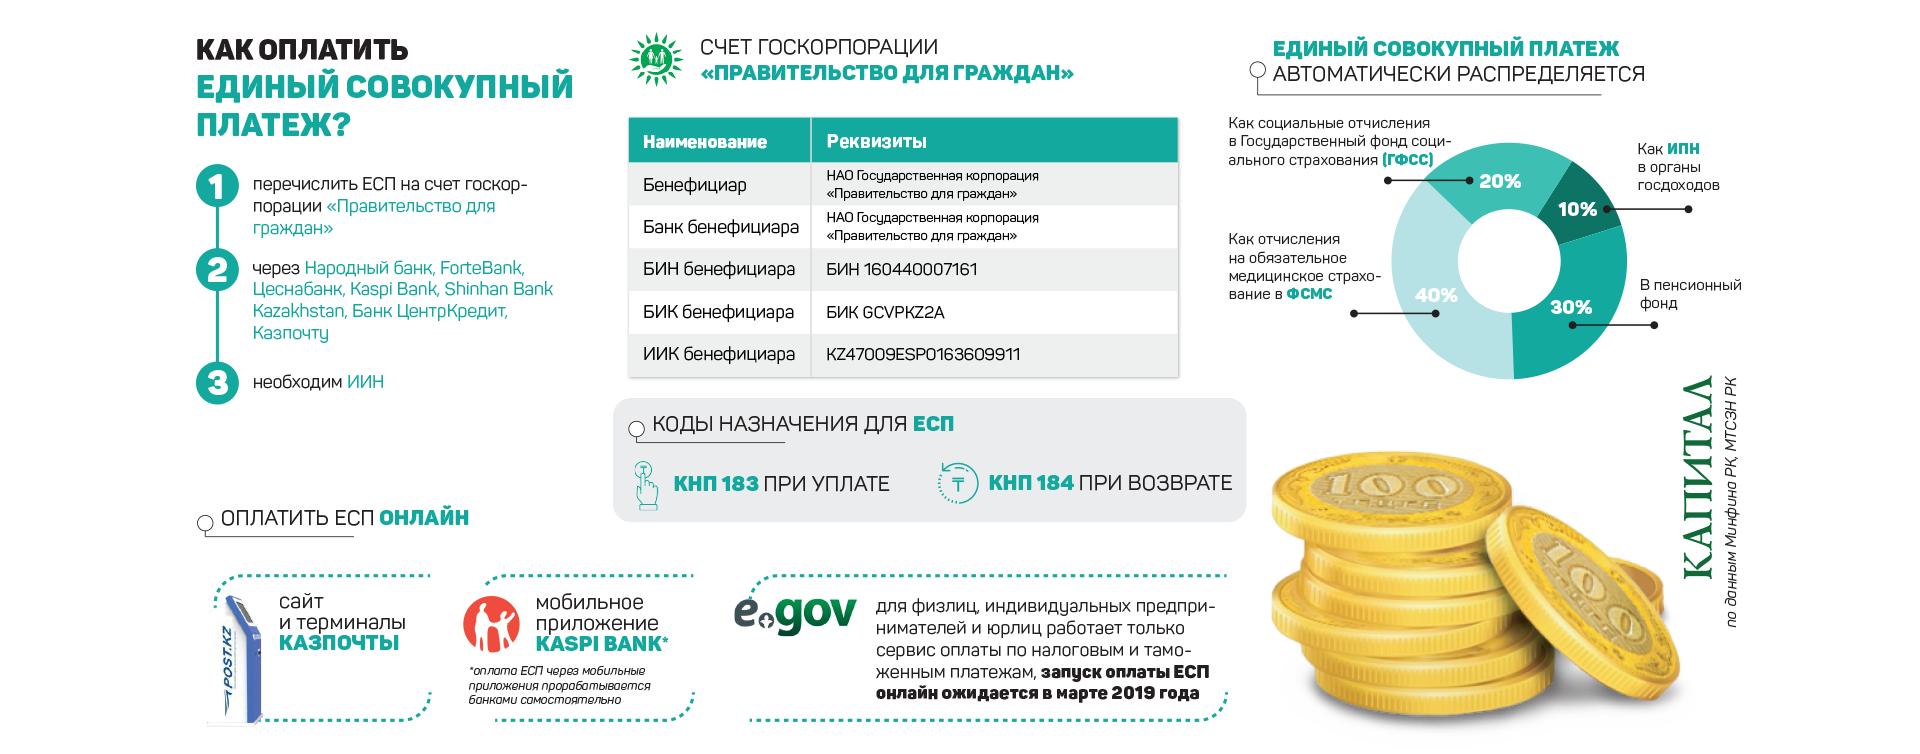 Единый совокупный платеж (что такое ЕСП?)